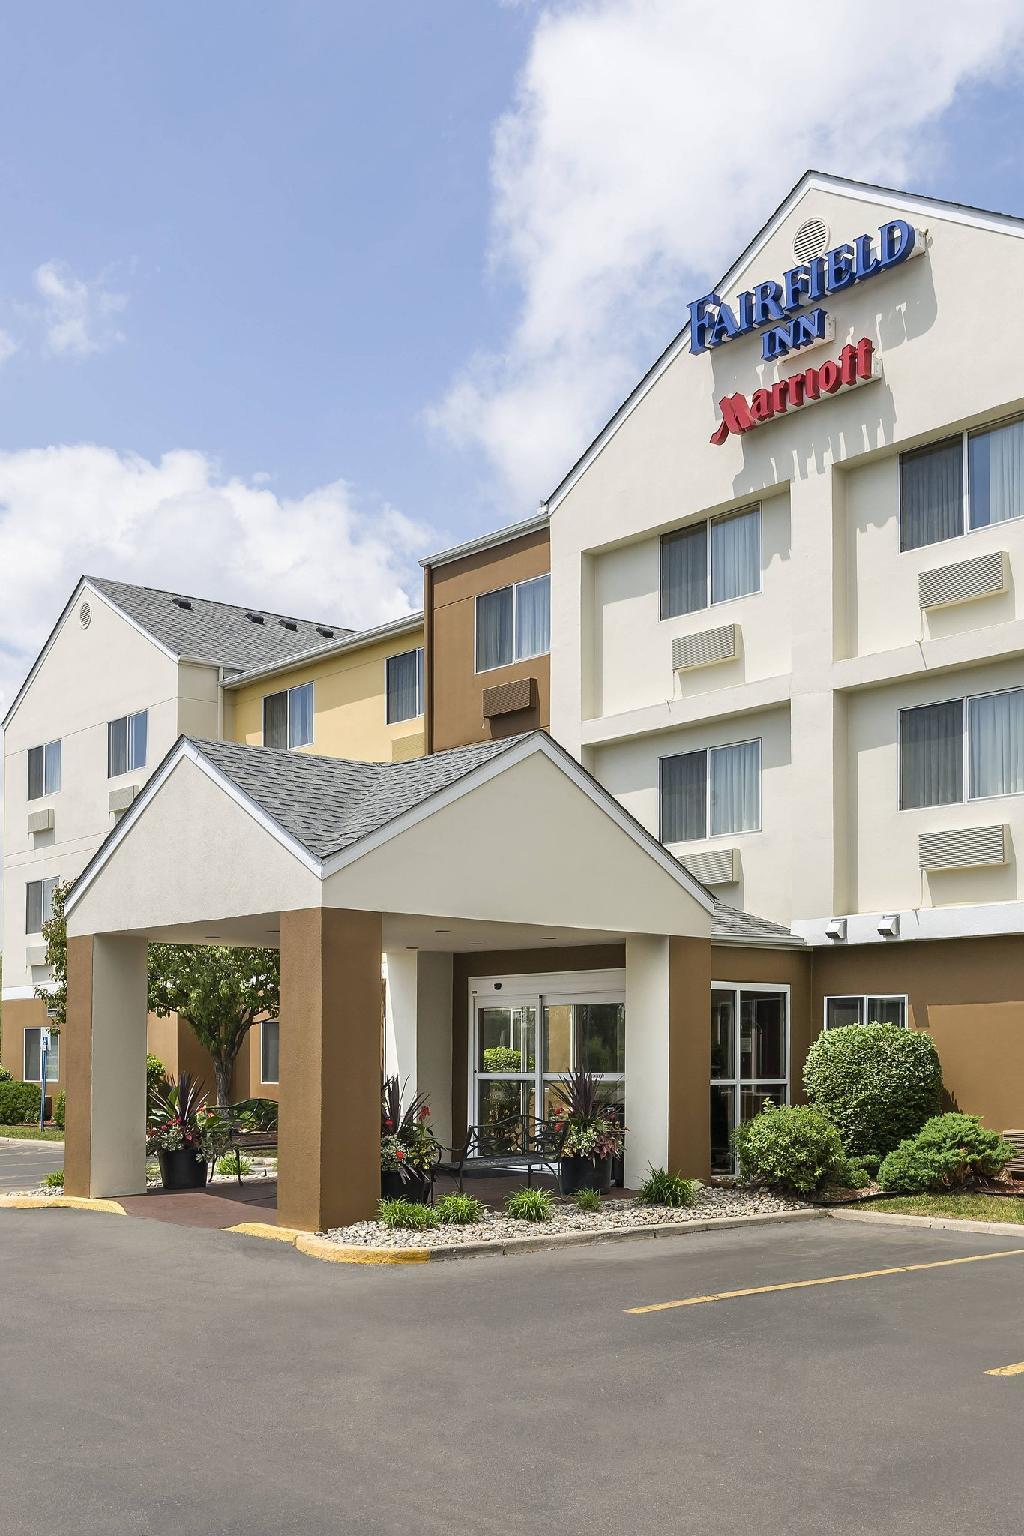 Fairfield Inn And Suites Jackson